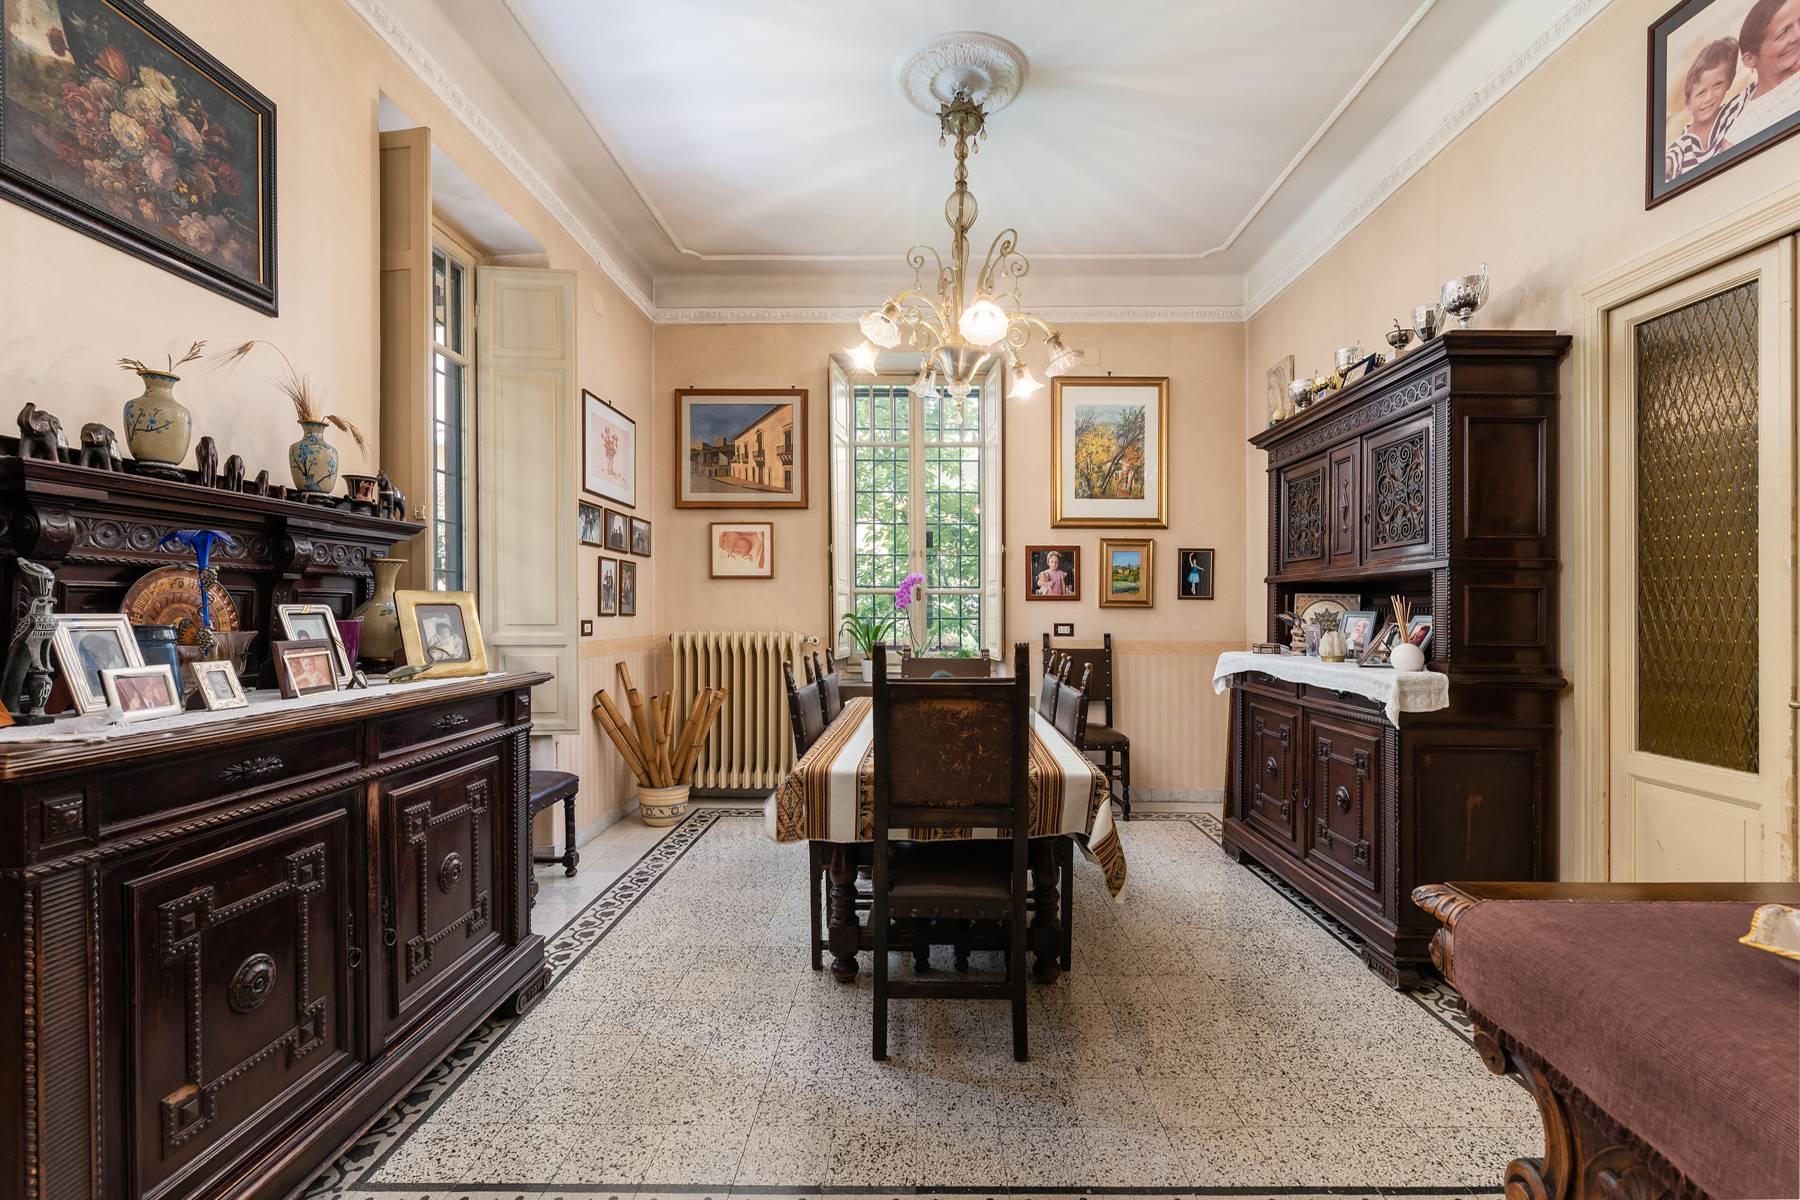 Villa in Vendita a Roma: 5 locali, 380 mq - Foto 12